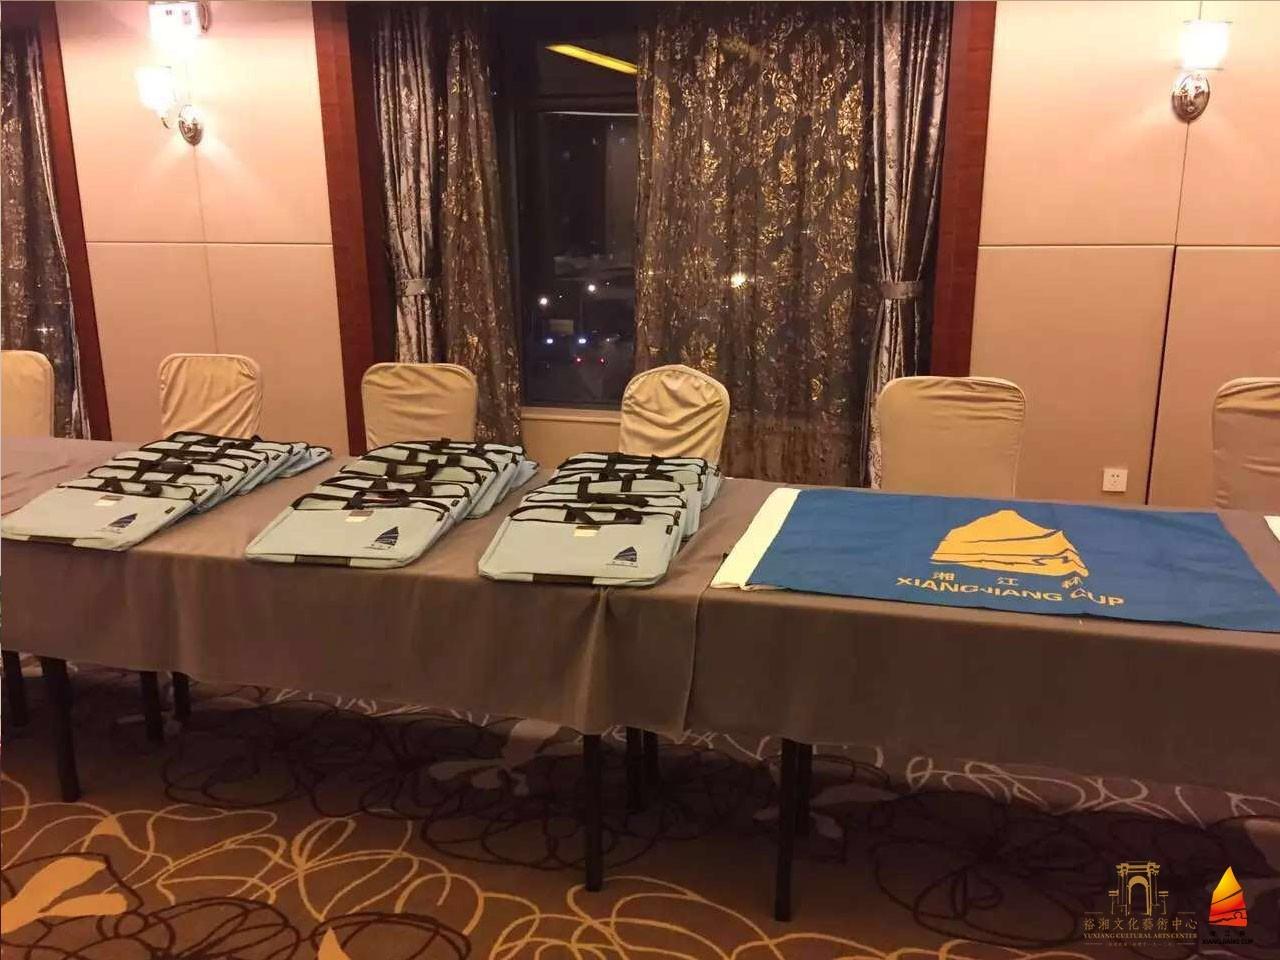 第二届湘江杯国际帆船赛丨今日迎接各国参赛运动员报到 37529dcd337dc8cd4e9b33f90e77fbb5.jpg